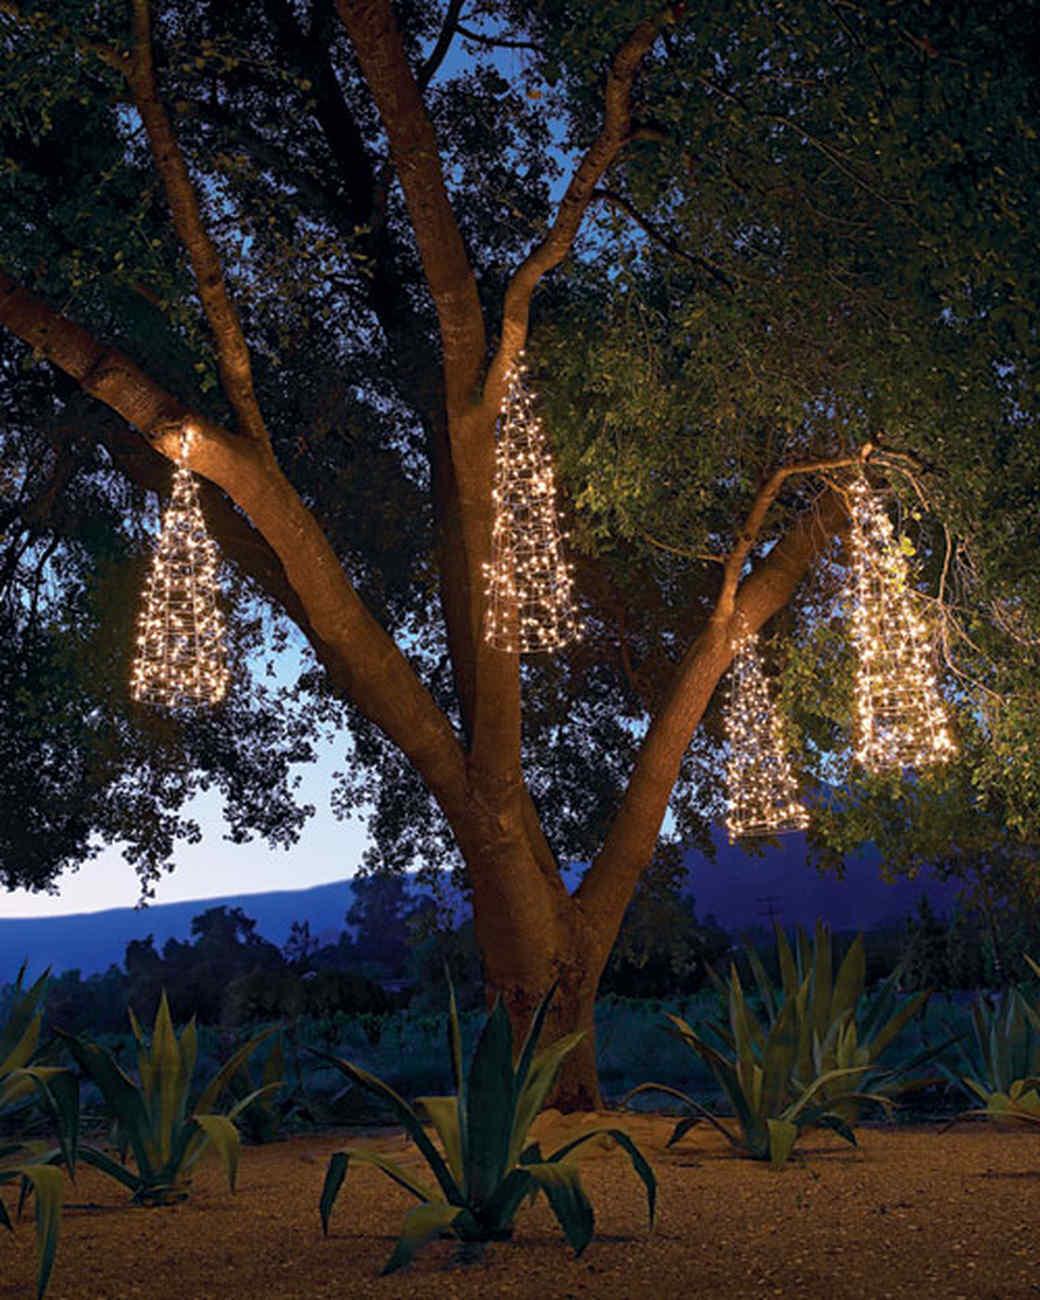 Outdoor Lighting: Hanging Trees